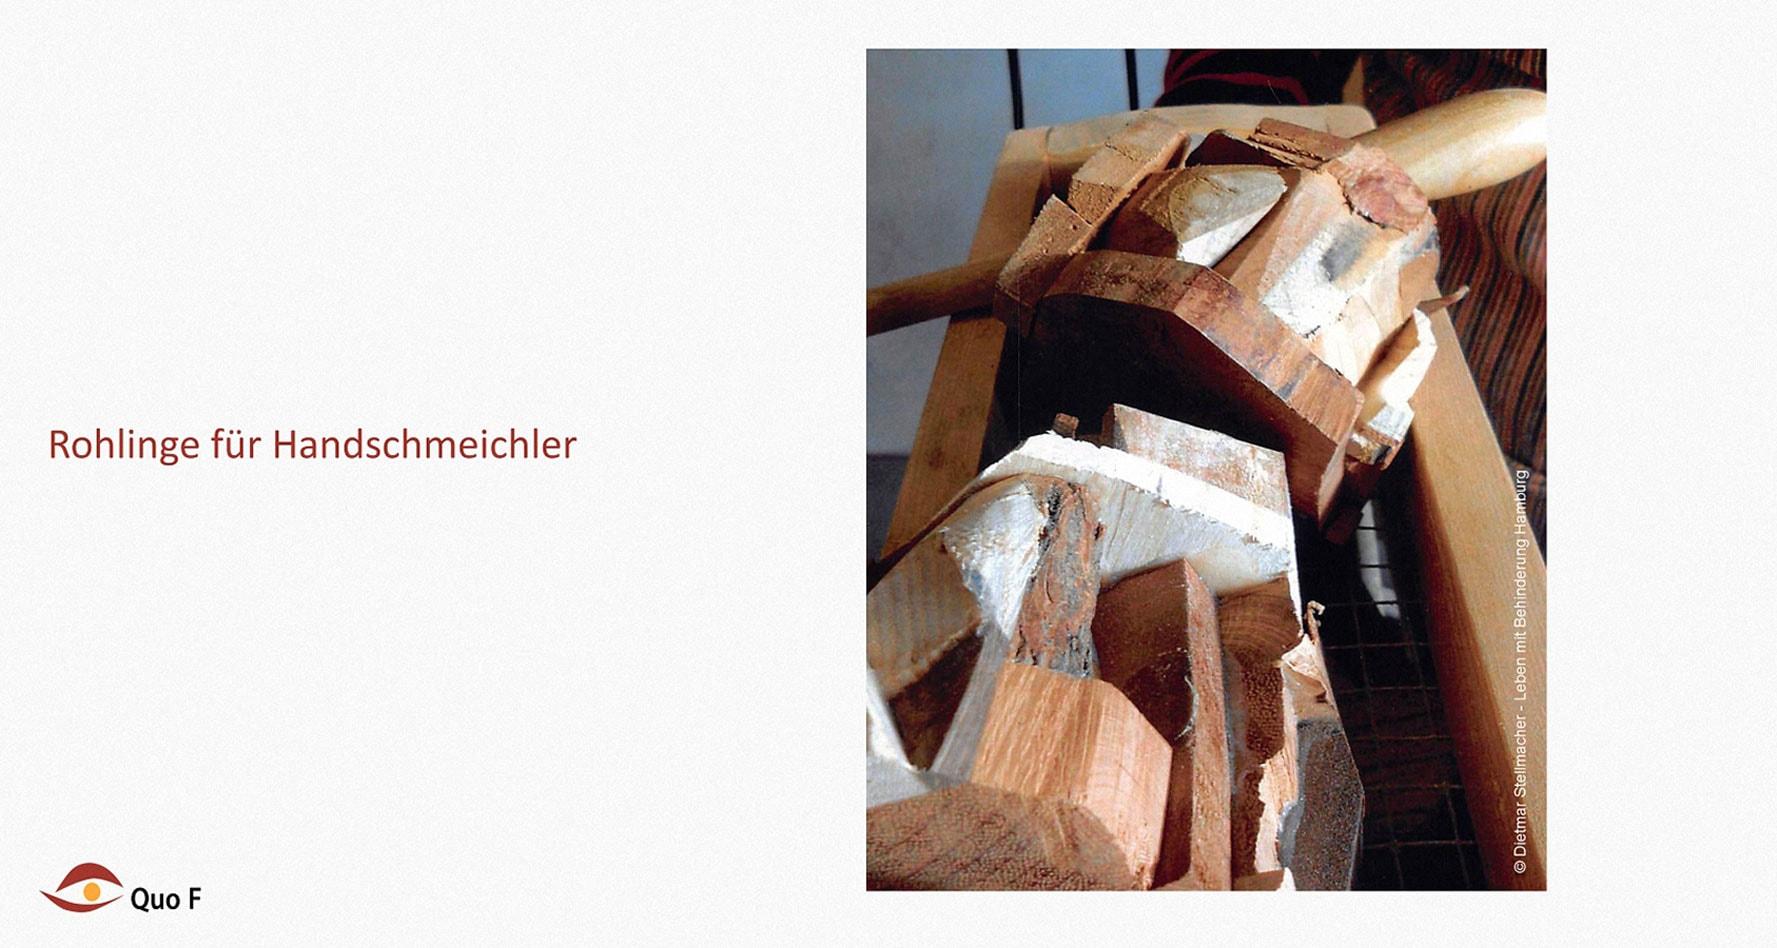 Schleifen Leben mit Behinderung Hamburg (LmbH) Arbeit unterstützende Geräte Entwickler: Dietmar Stellmacher Fotos: Dietmar Stellmacher